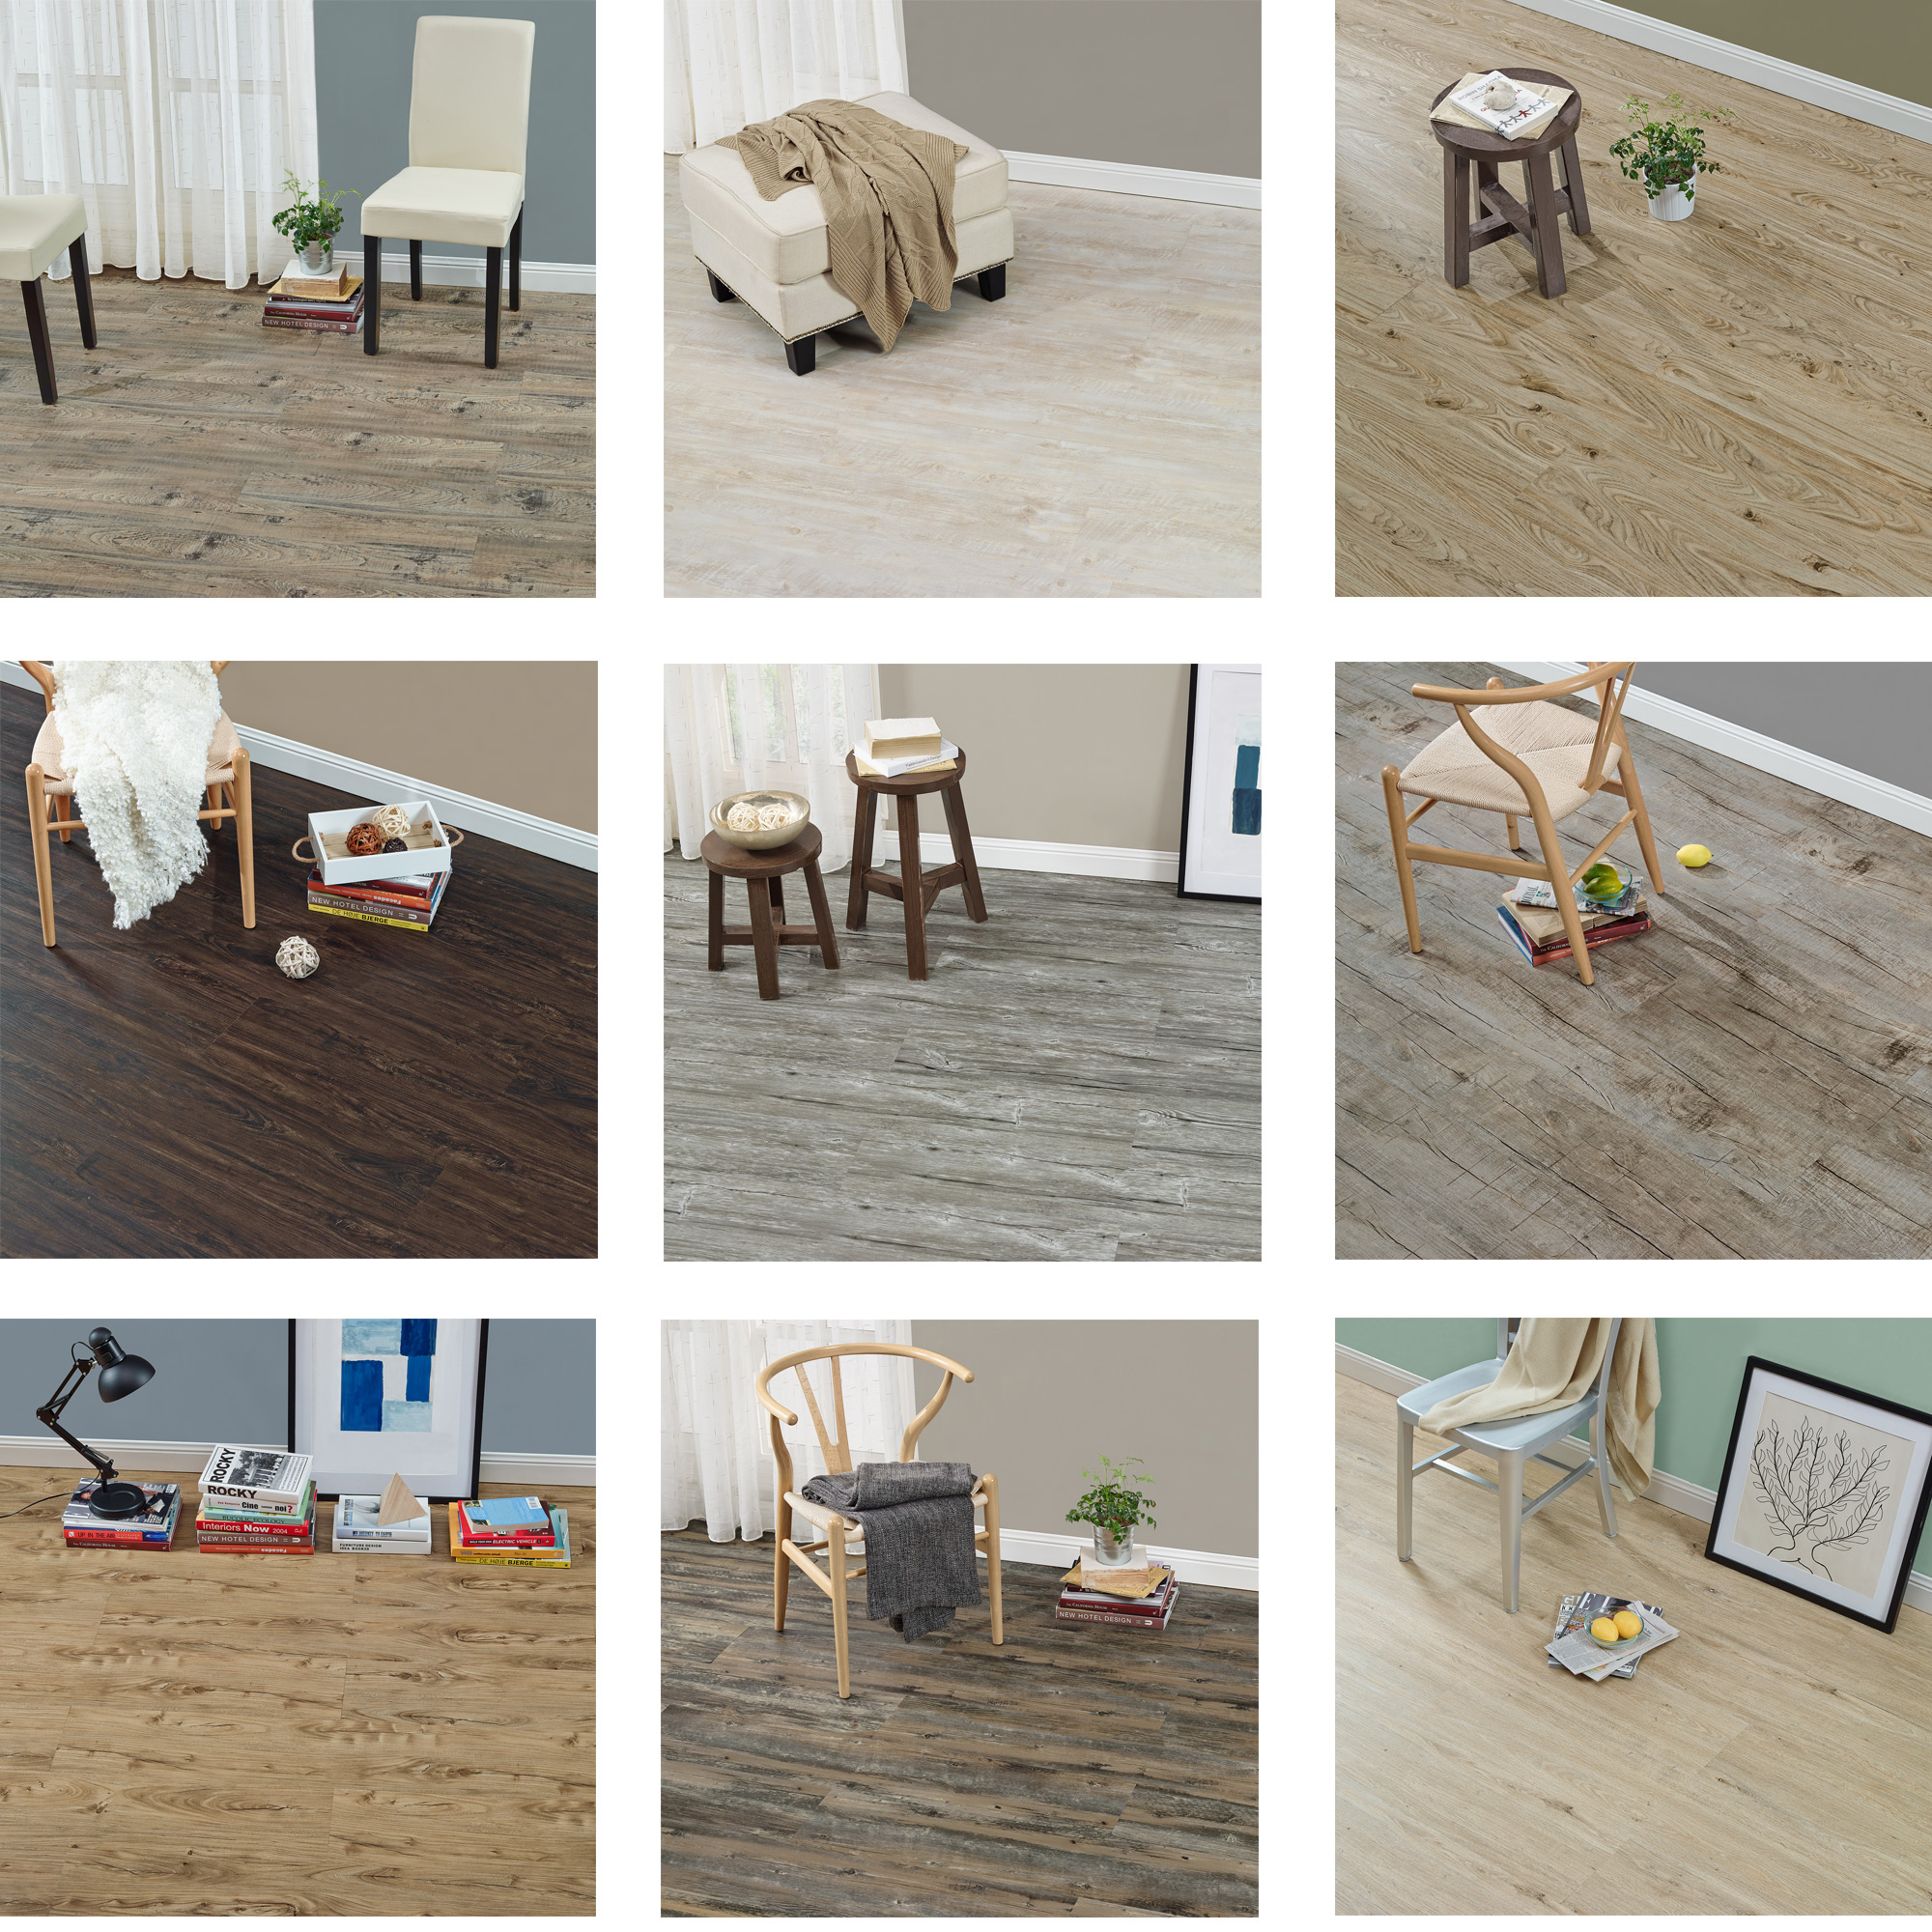 sichtschutzfolie milchglas linien 67 5 cm x 2 m statisch fenster ebay. Black Bedroom Furniture Sets. Home Design Ideas